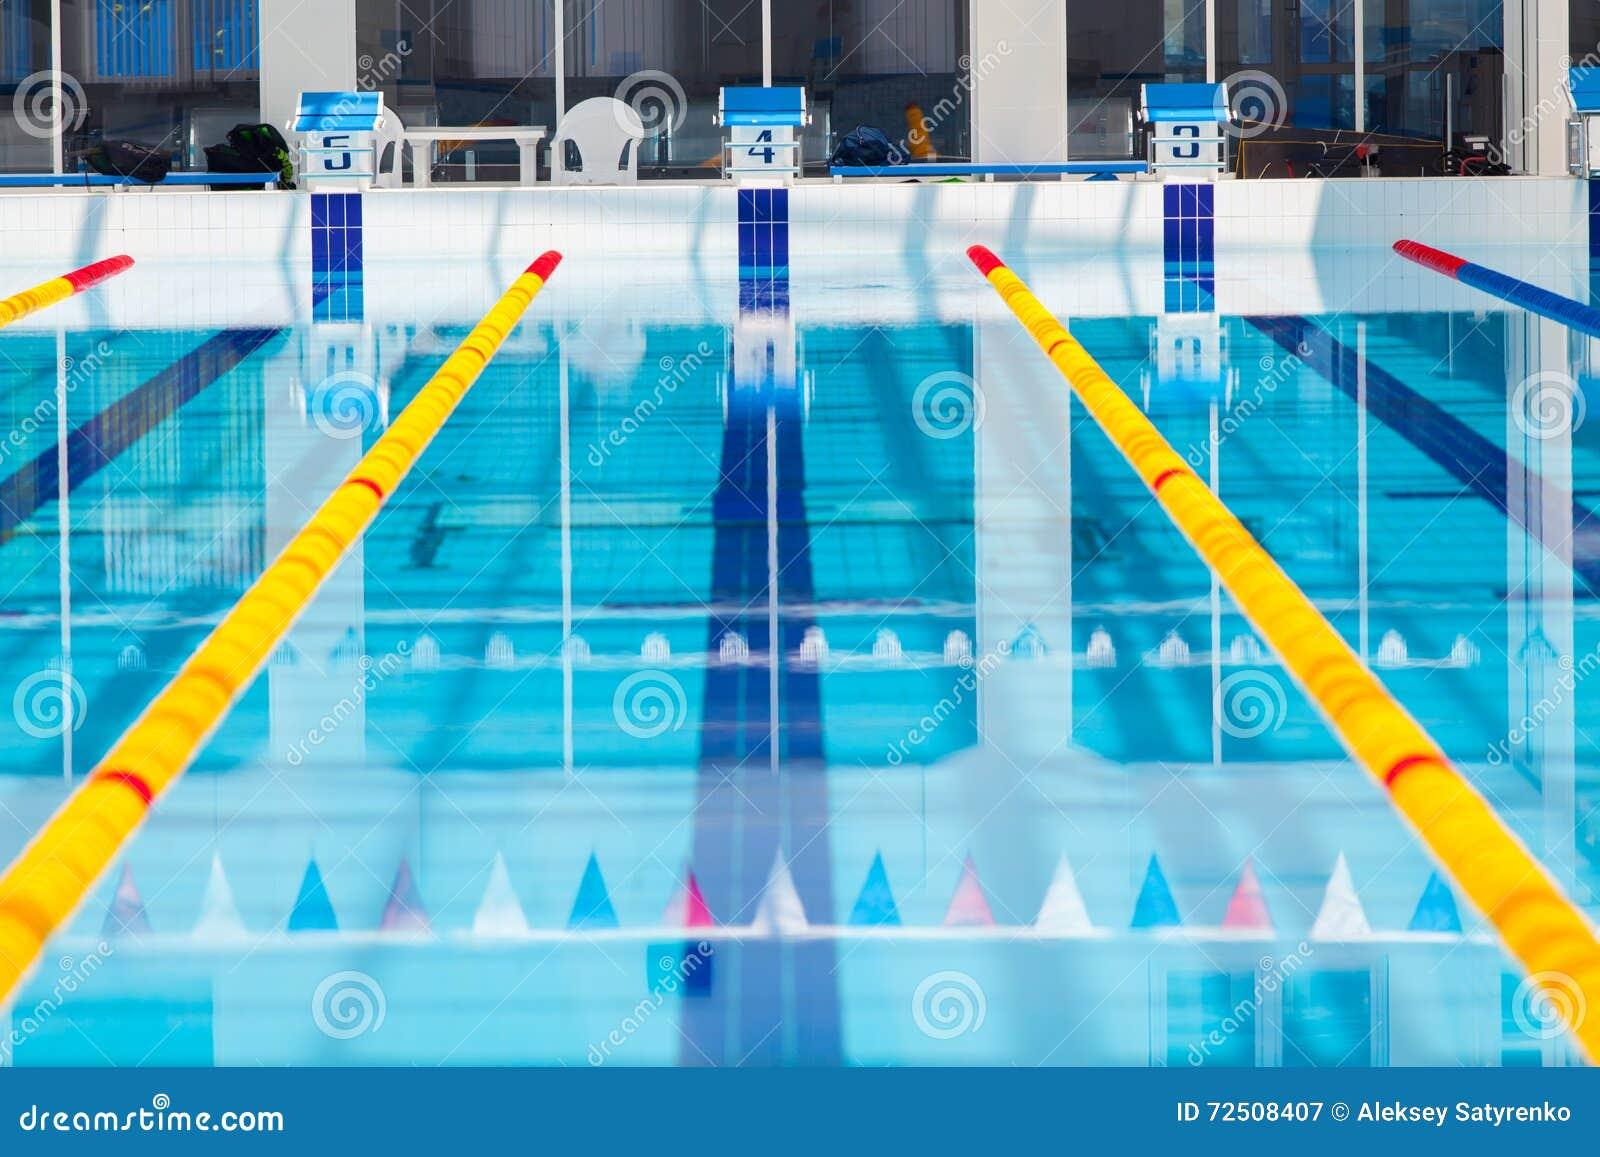 Pistas de uma piscina da competi o imagem de stock for Piscina 7 de agosto